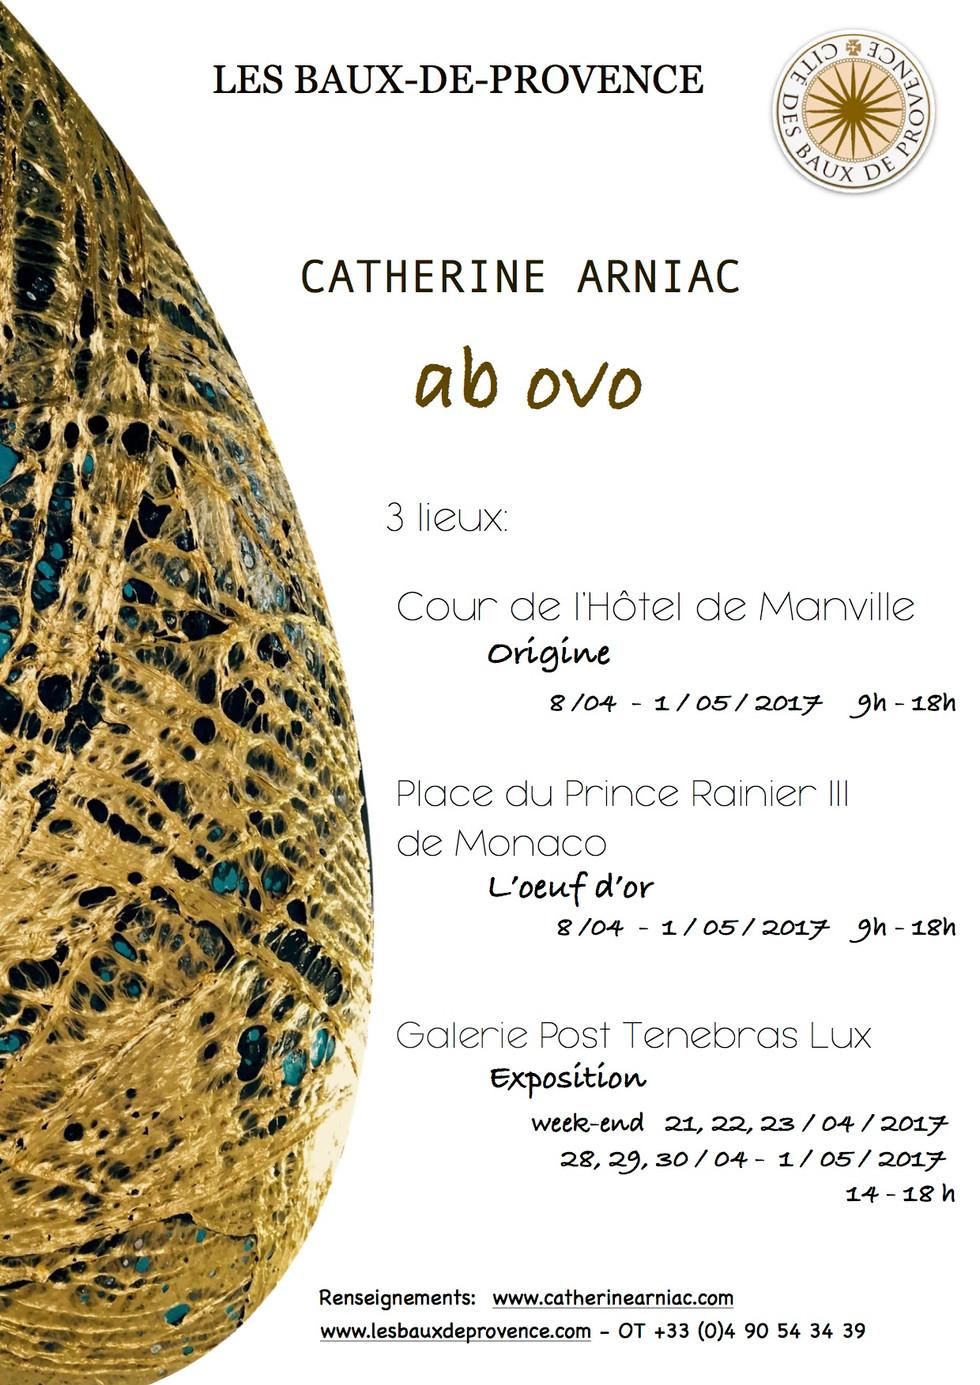 Parcours d'art - Les Baux de Provence